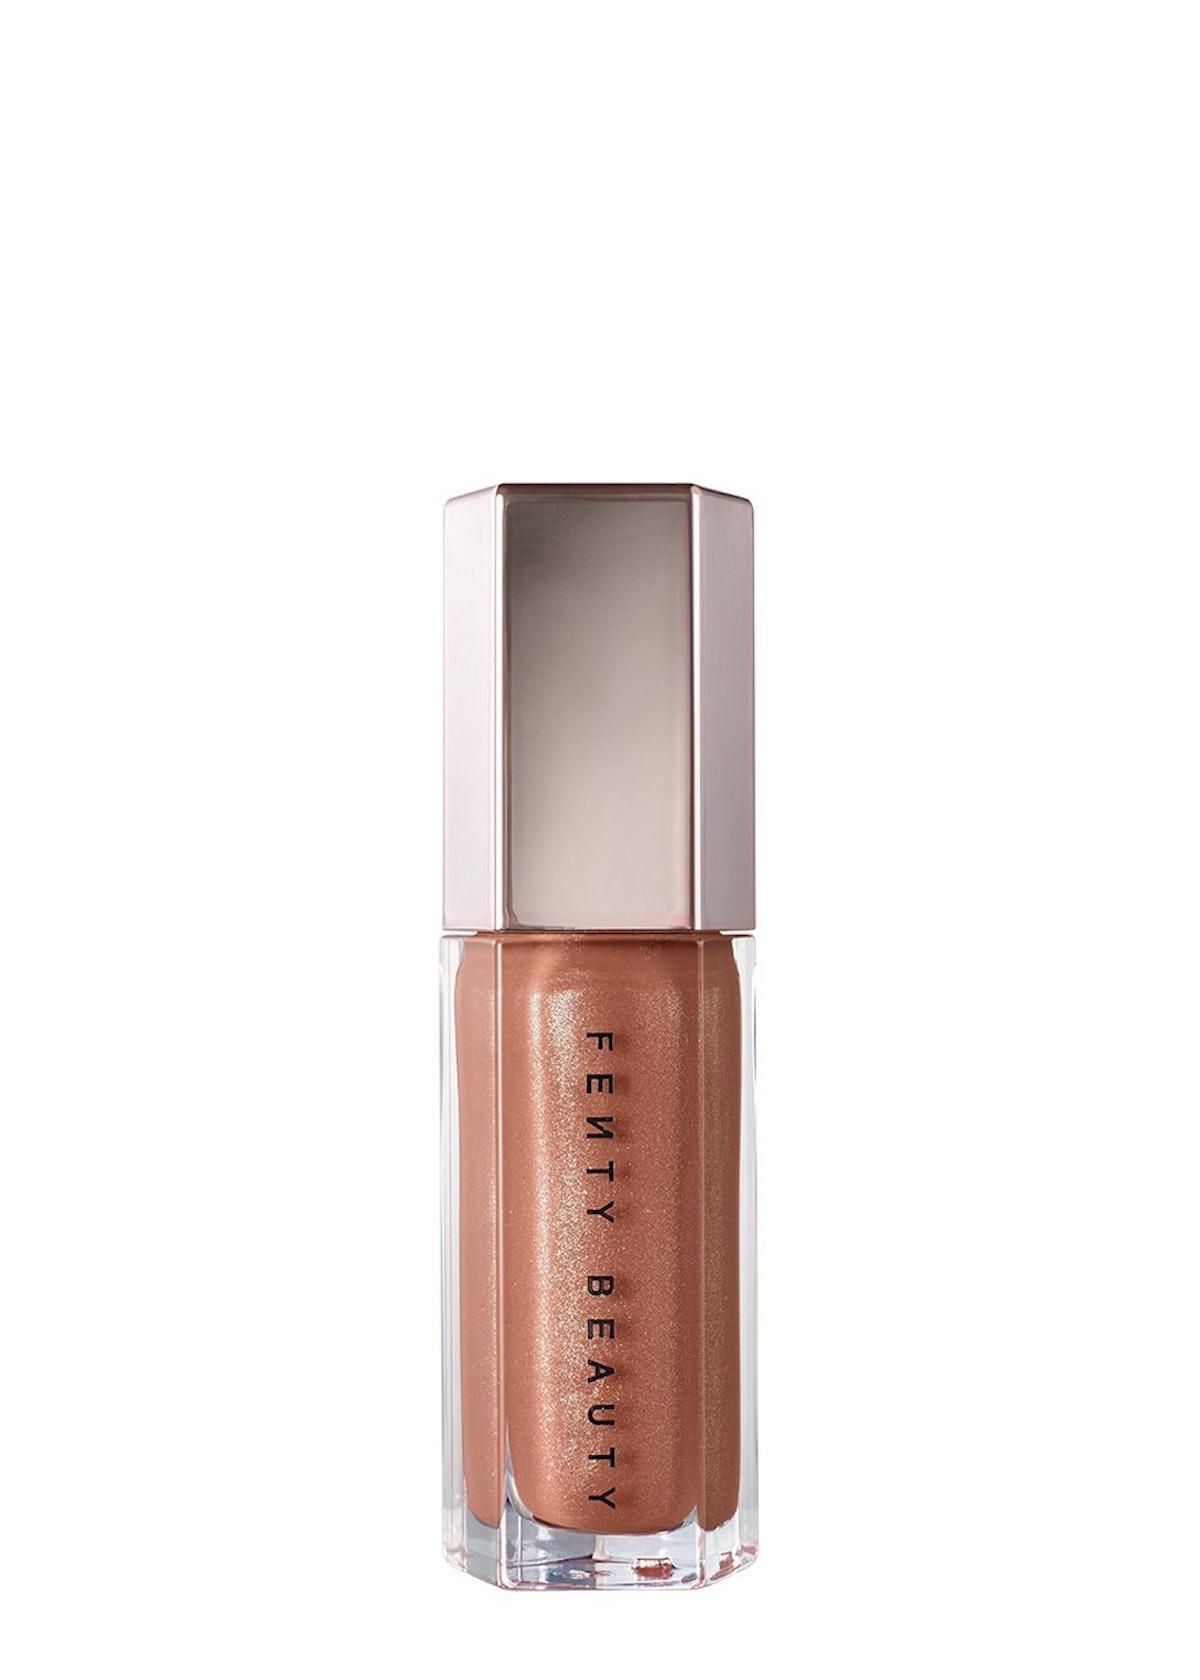 Gloss Bomb Universal Lip Luminizer - Fenty Glow: additional image